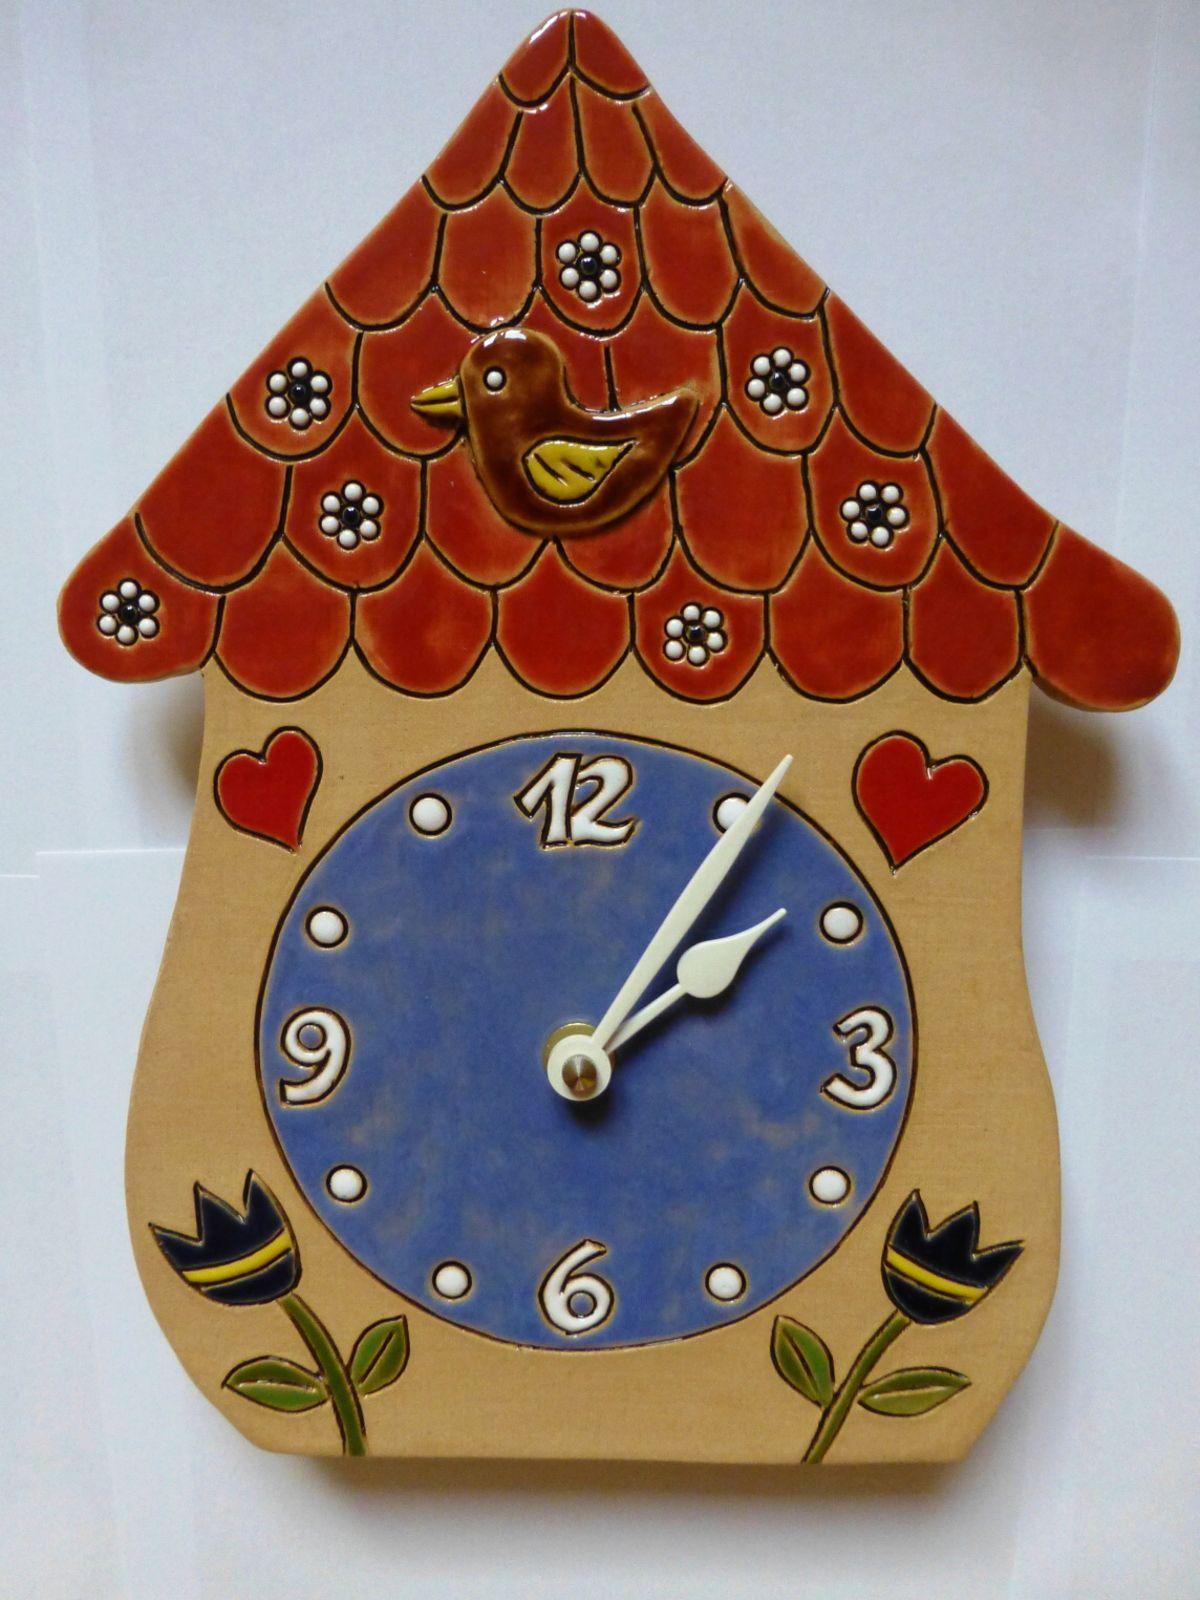 autorské hodiny Nástěnné keramické hodiny na zeď - Pohádkový domeček s kukačkou keramický domeček 1